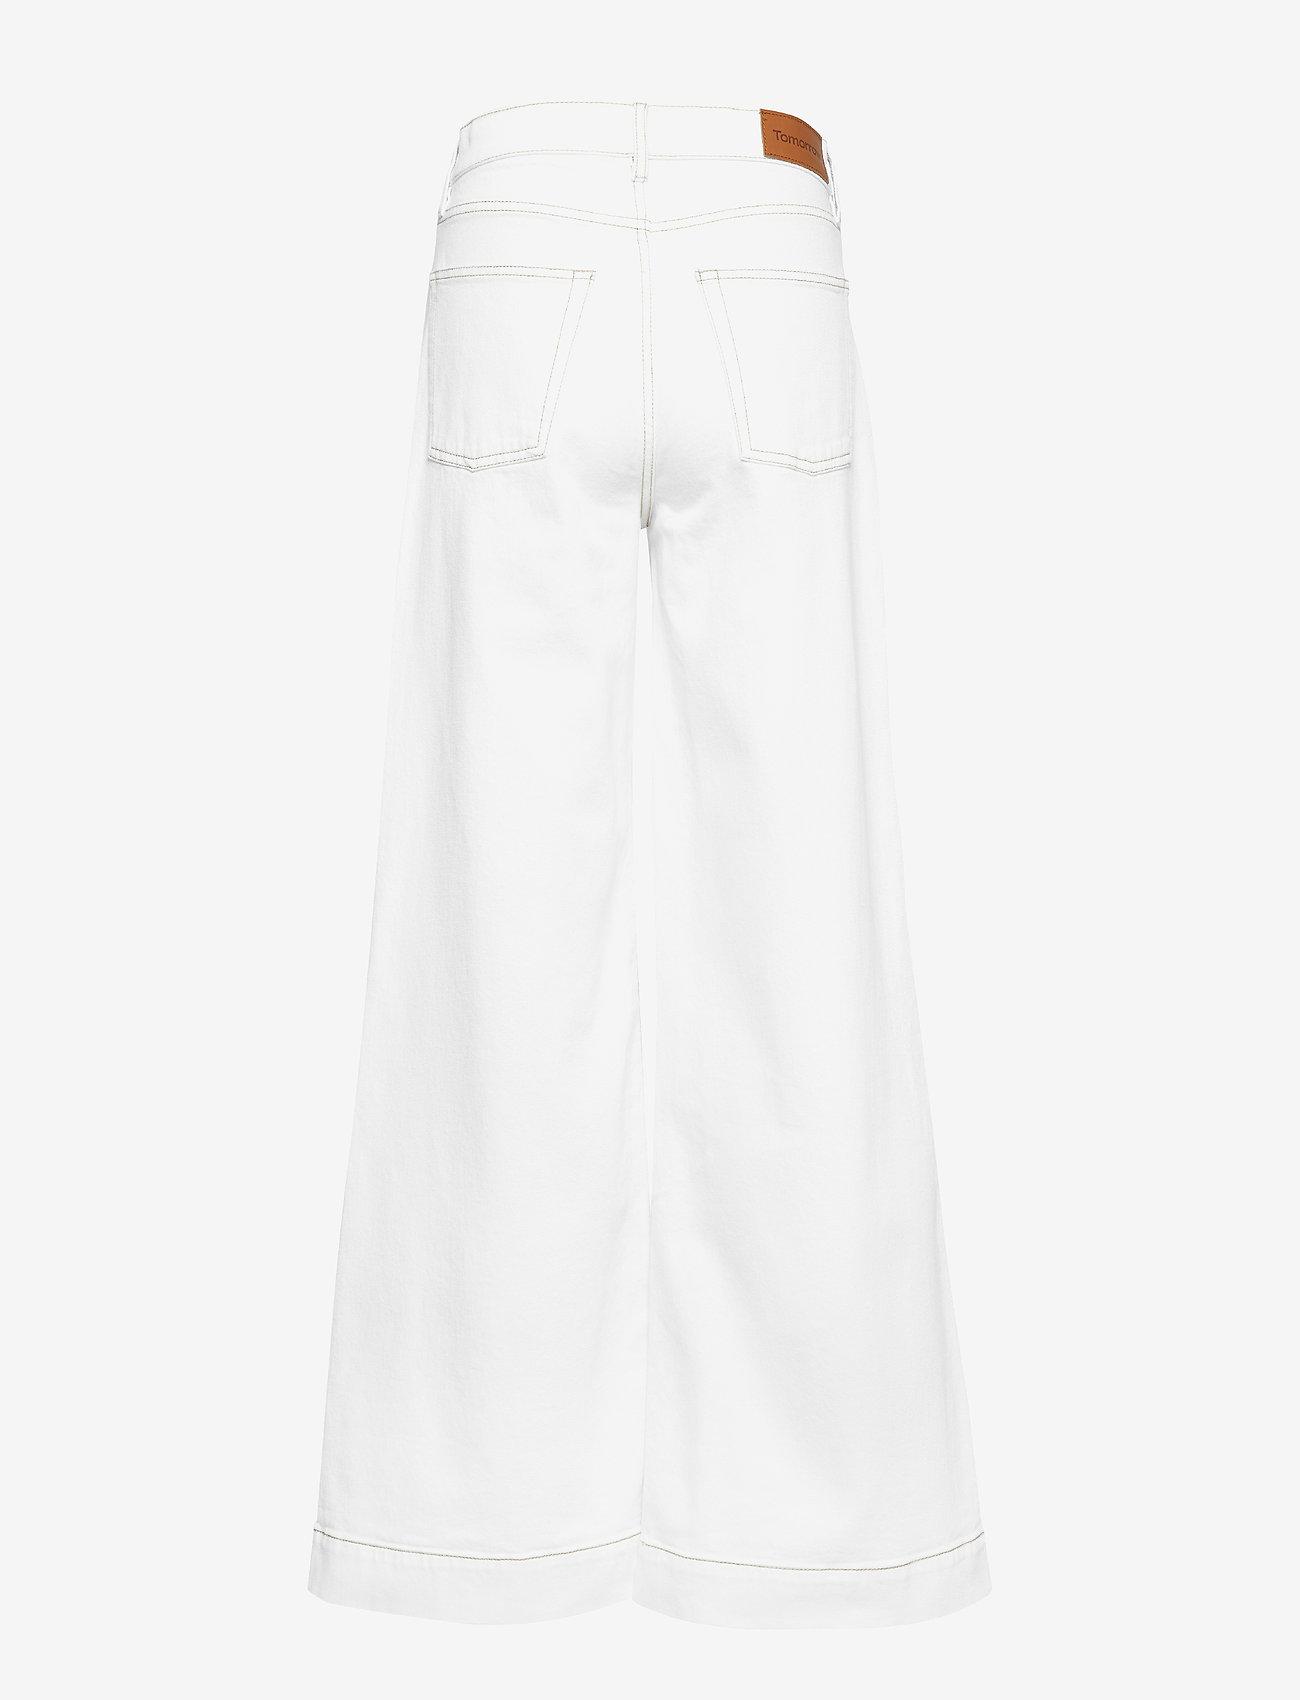 Tomorrow - Kersee HW flare jeans Ecru - schlaghosen - ecru - 1